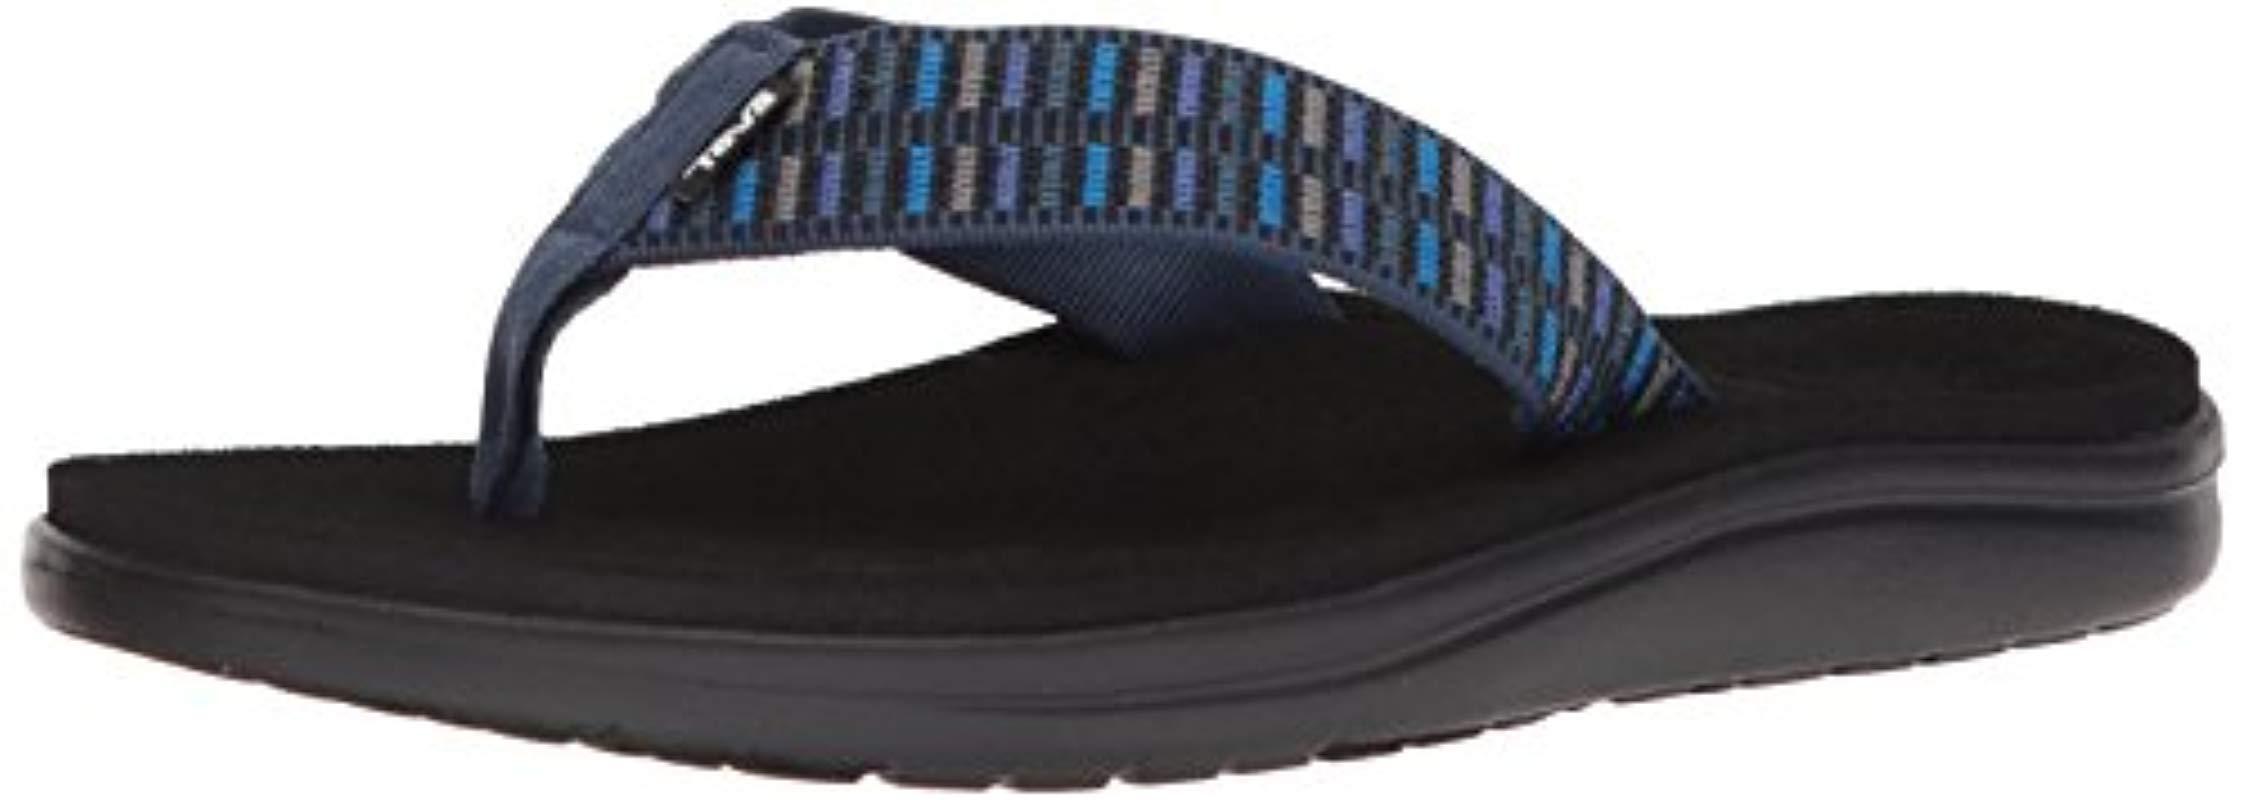 3238b3e223f9 Teva M Voya Flip Flops in Blue for Men - Lyst